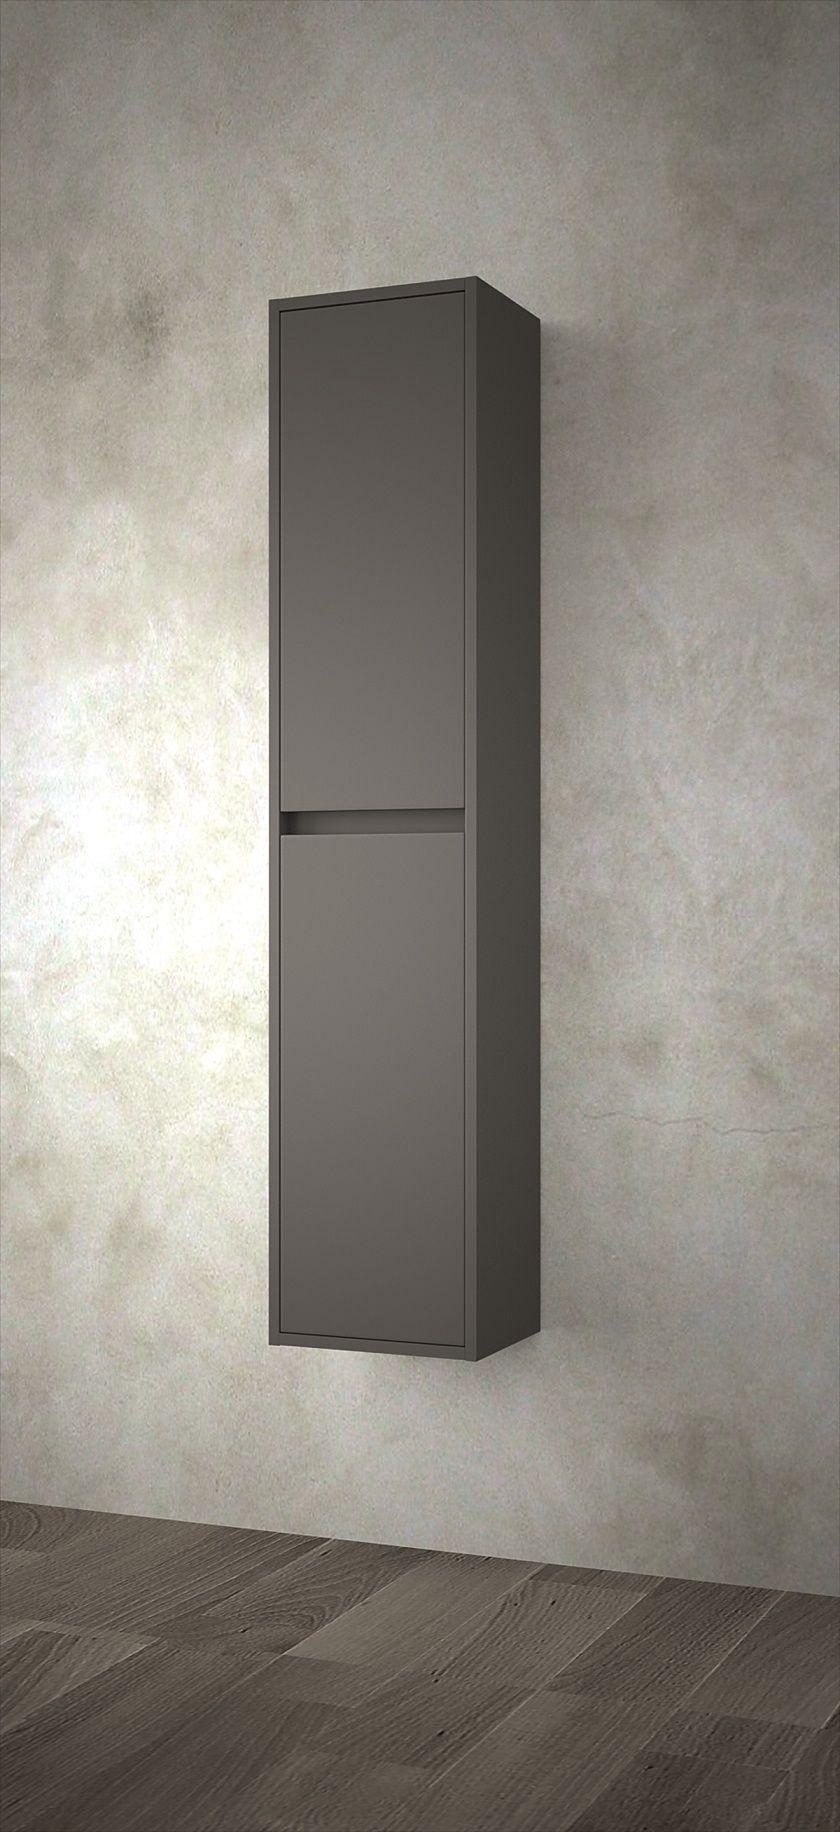 Muebles Project badkamerkast 140x30x24cm mat grijs Schademodel